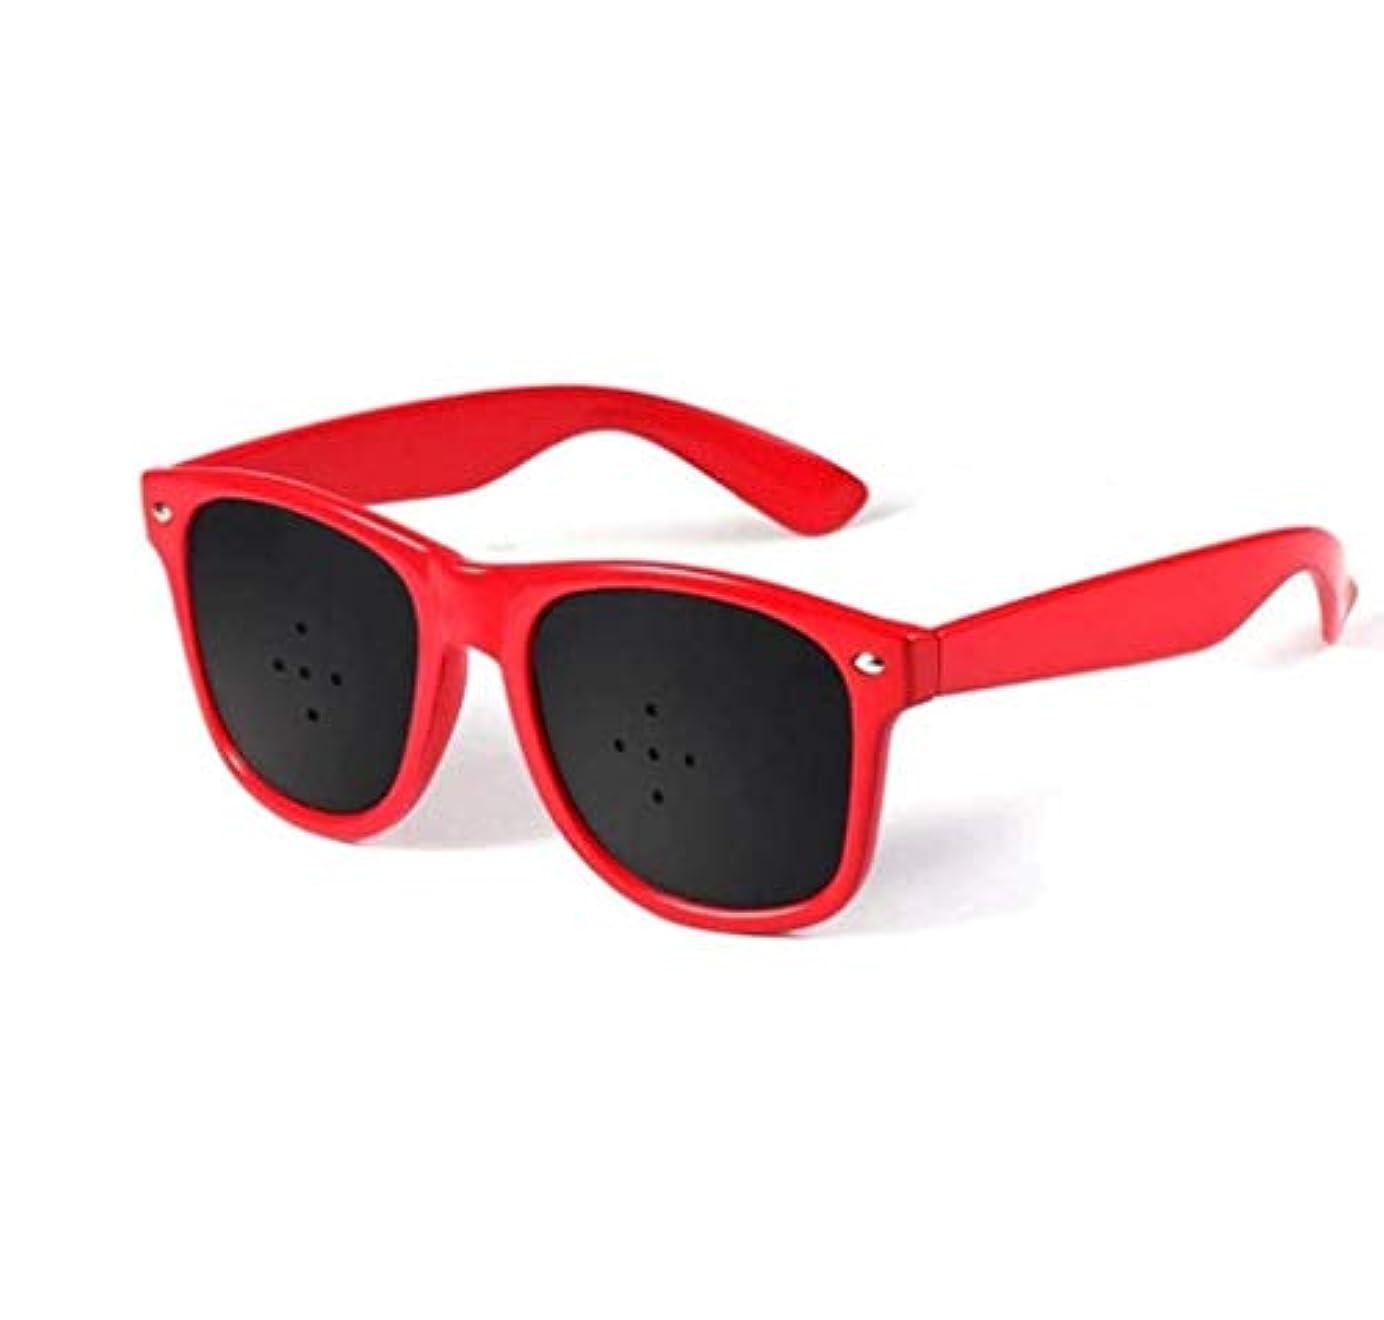 いいね引数まとめるピンホールメガネ、視力矯正メガネ網状視力保護メガネ耐疲労性メガネ近視の防止メガネの改善 (Color : 赤)